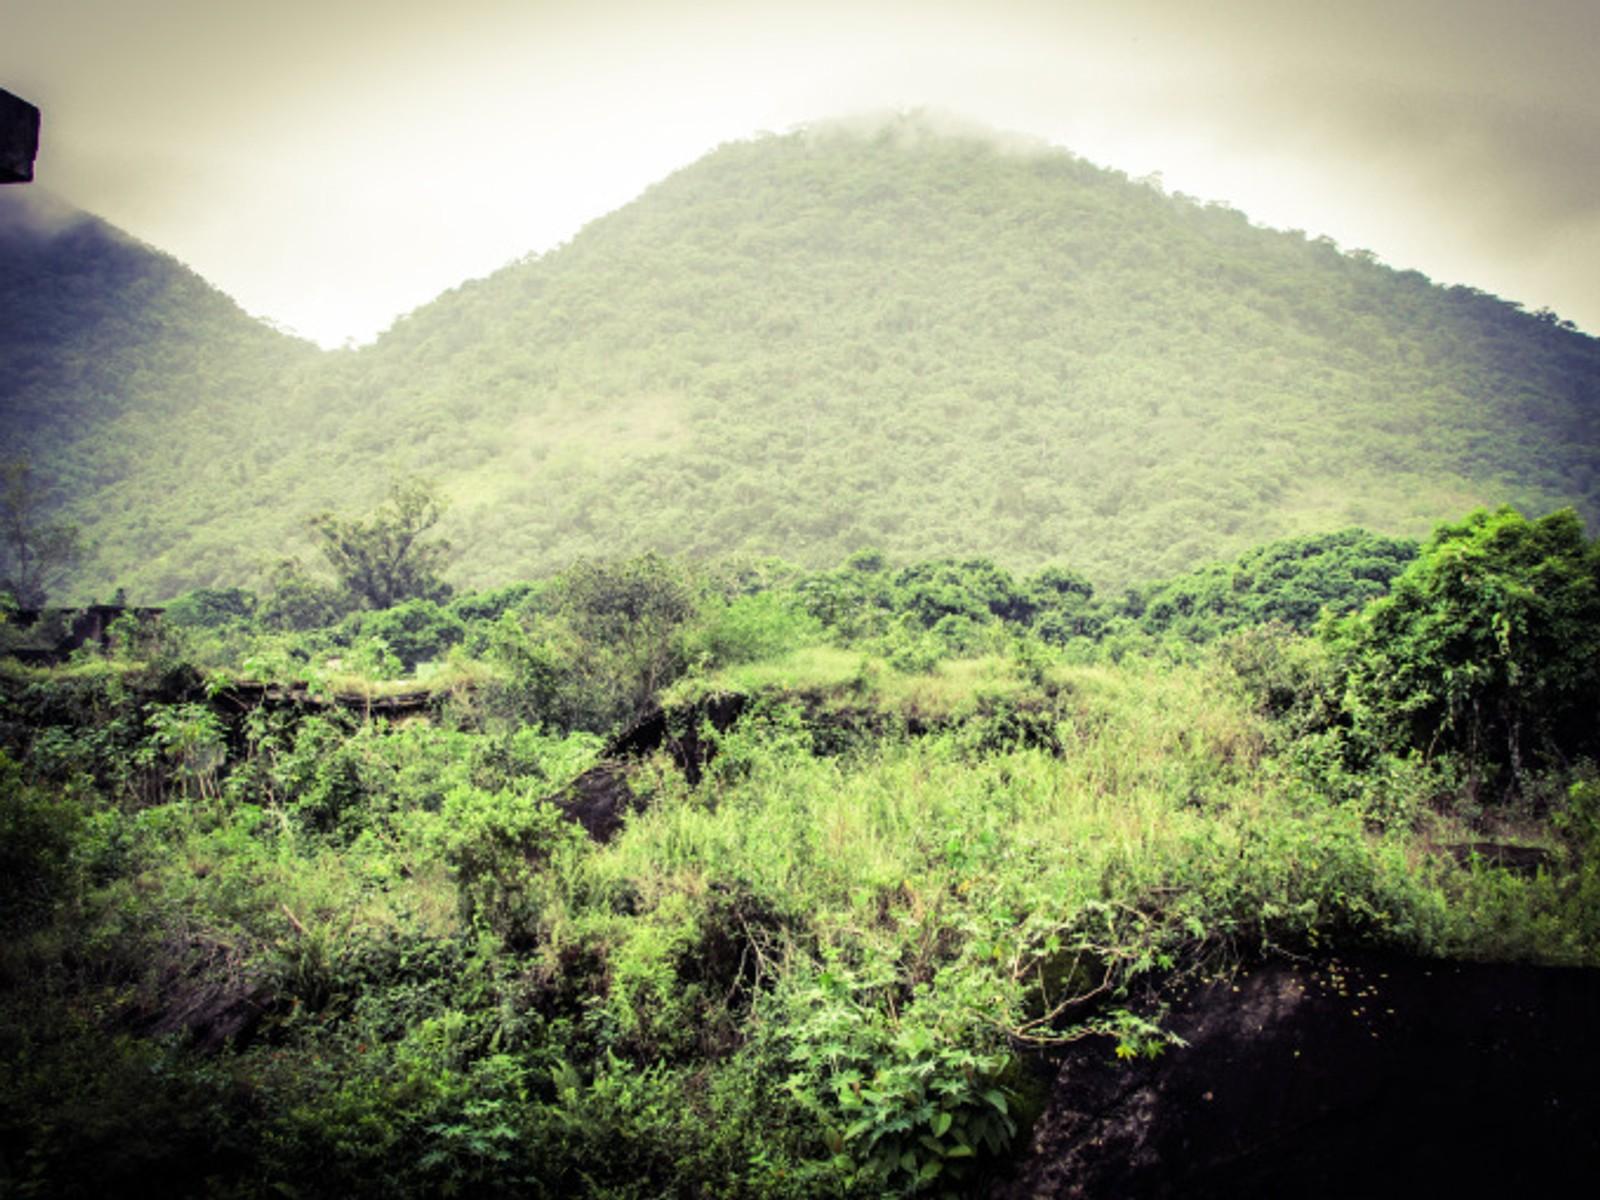 Etter at Cândido Mendes-fengselet ble stengt ble fengselet sprengt. I dag har naturen overgrodd murhaugene slik at fengselsrestene glir godt sammen med de regnskogkledde fjellene på Ilha Grande.